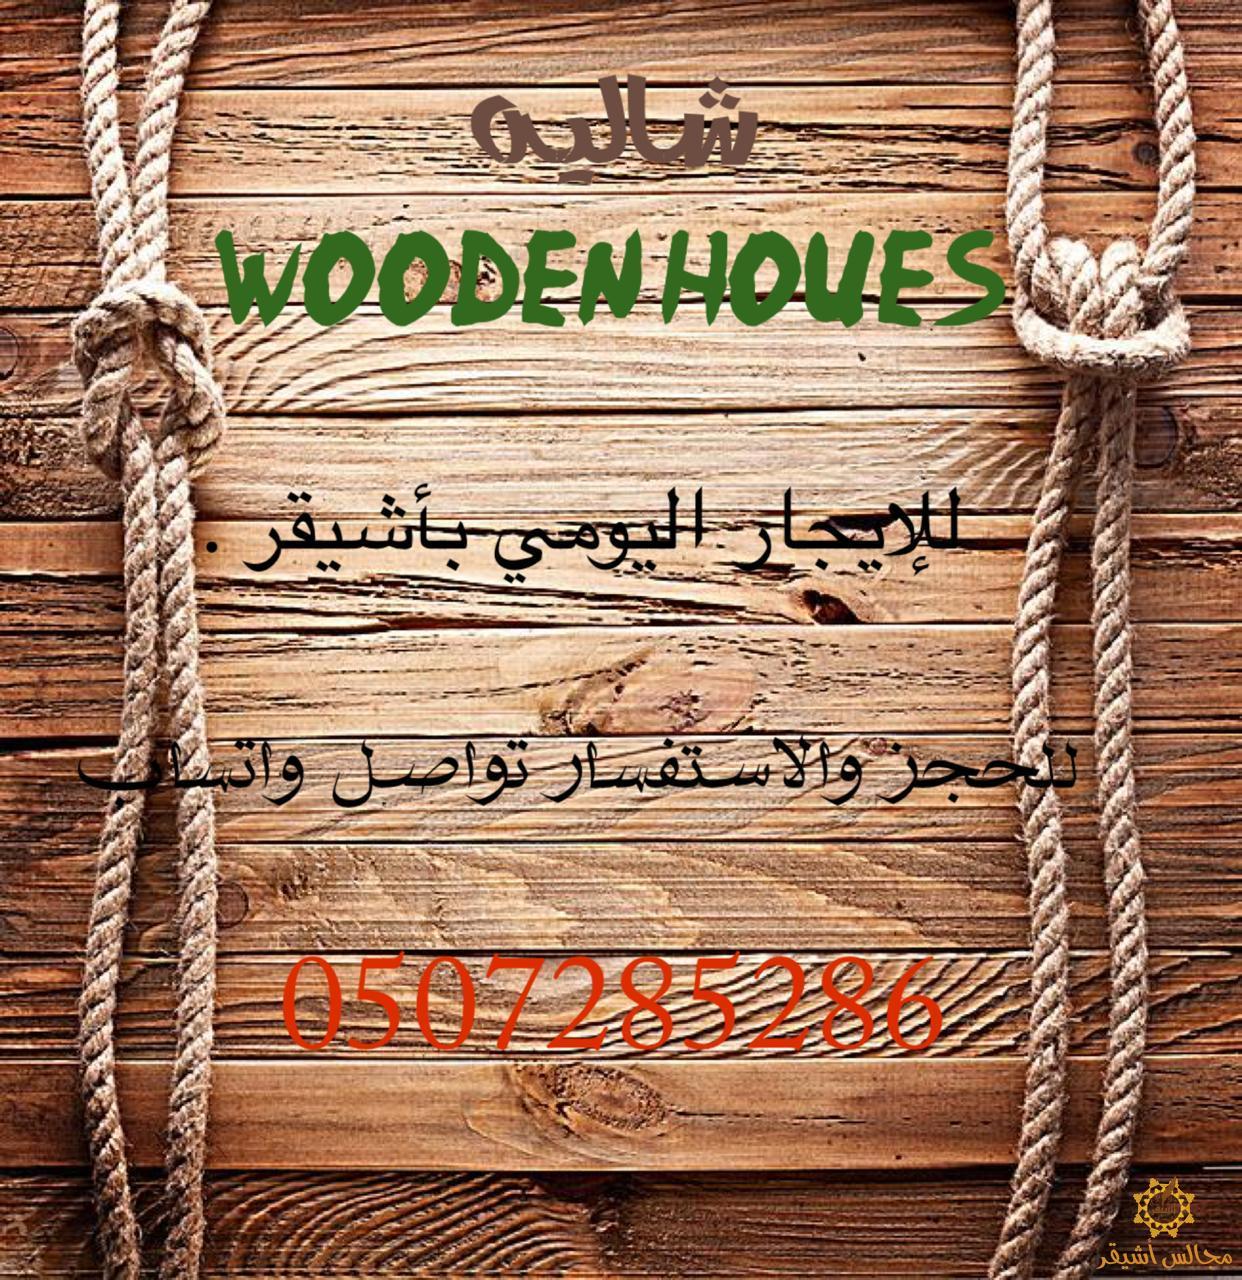 صورة شاليه WOODEN HOUES للإيجار اليومي بأشيقر